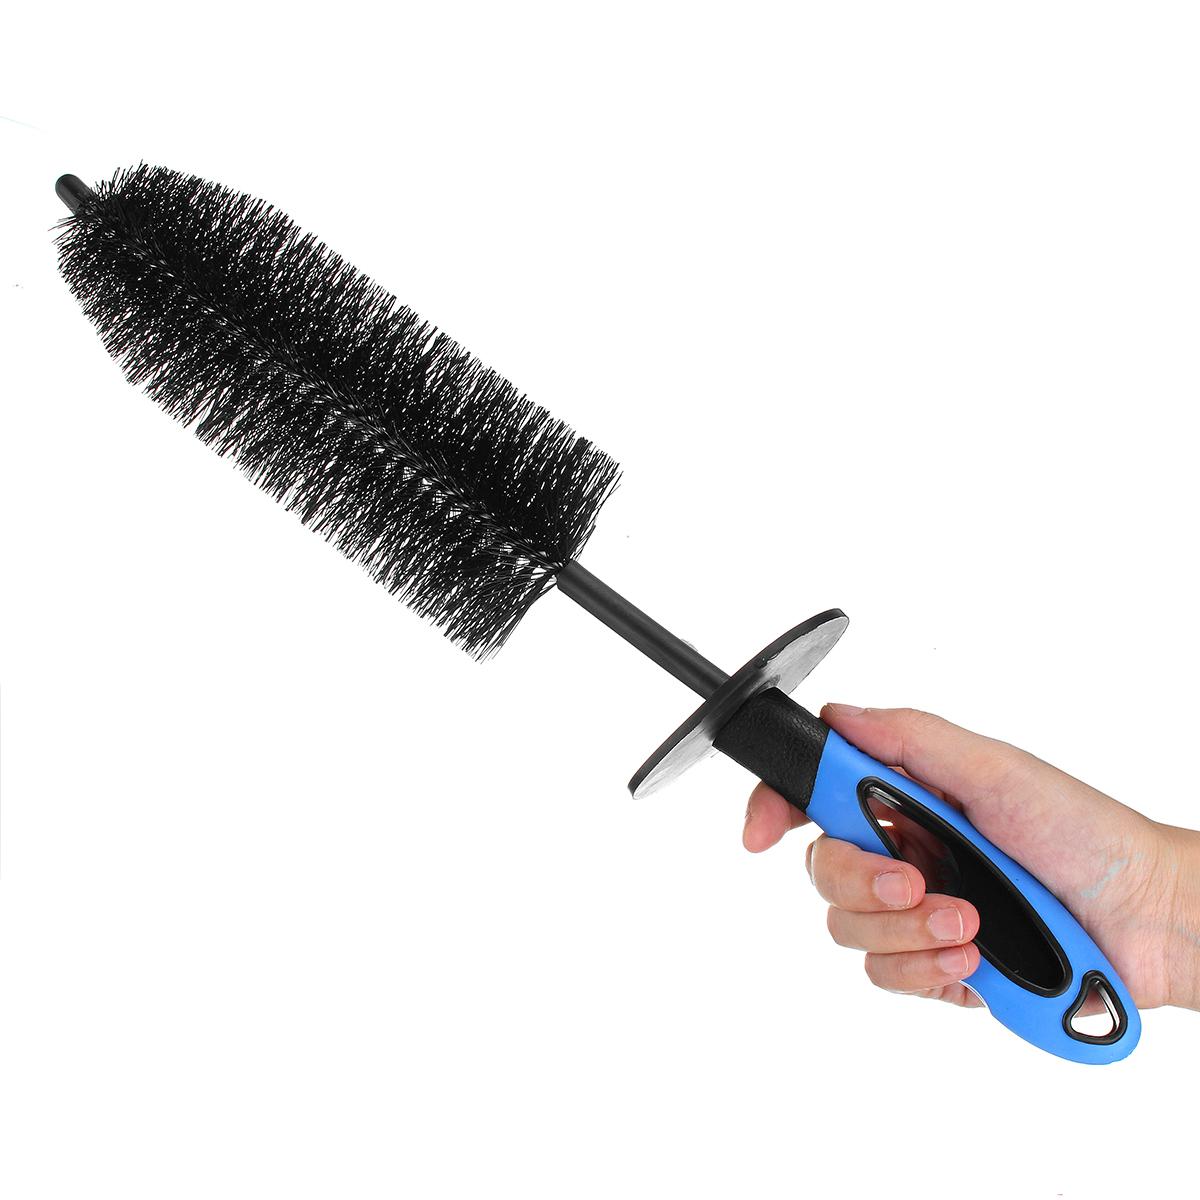 [해외]45cm 자동차 자동 허브 휠 타이어 림 스크럽 브러시 스크럽 브러쉬 먼지 청소 클리너 도구를 청소/45cm Car Auto Hubs Wheel Tire Rim Scrub Brush Scrub Cleaning Brush Dust Washing Cleaner To